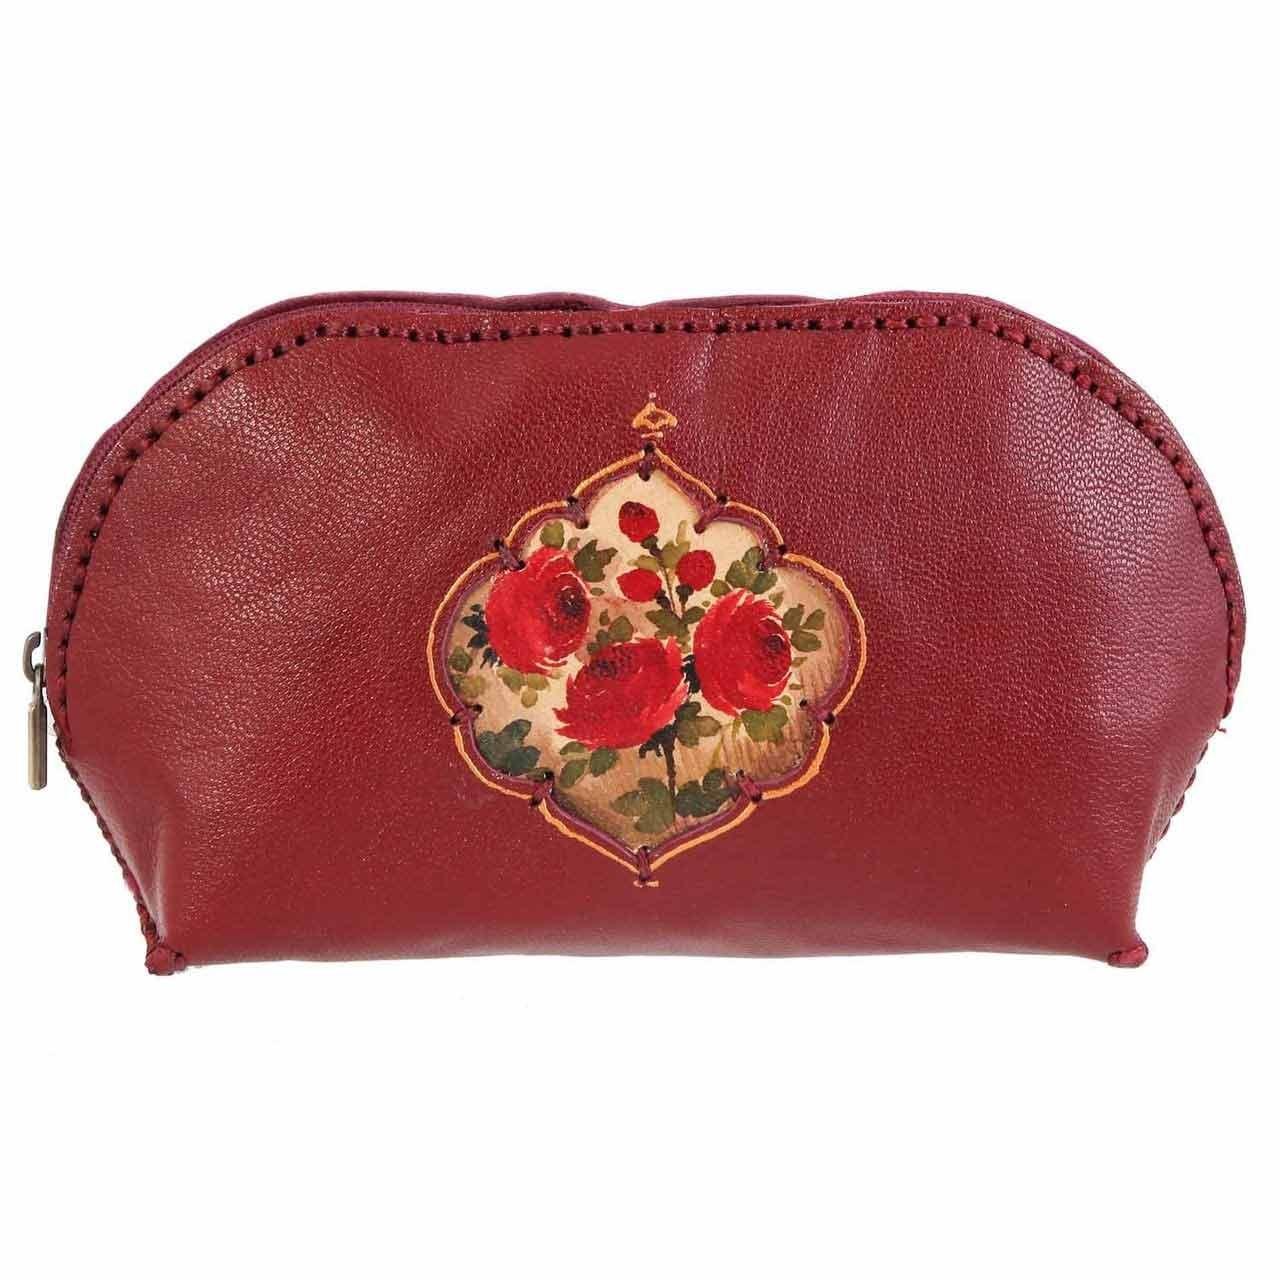 کیف چرم دستدوز دیبا کد 178007 آرایشی